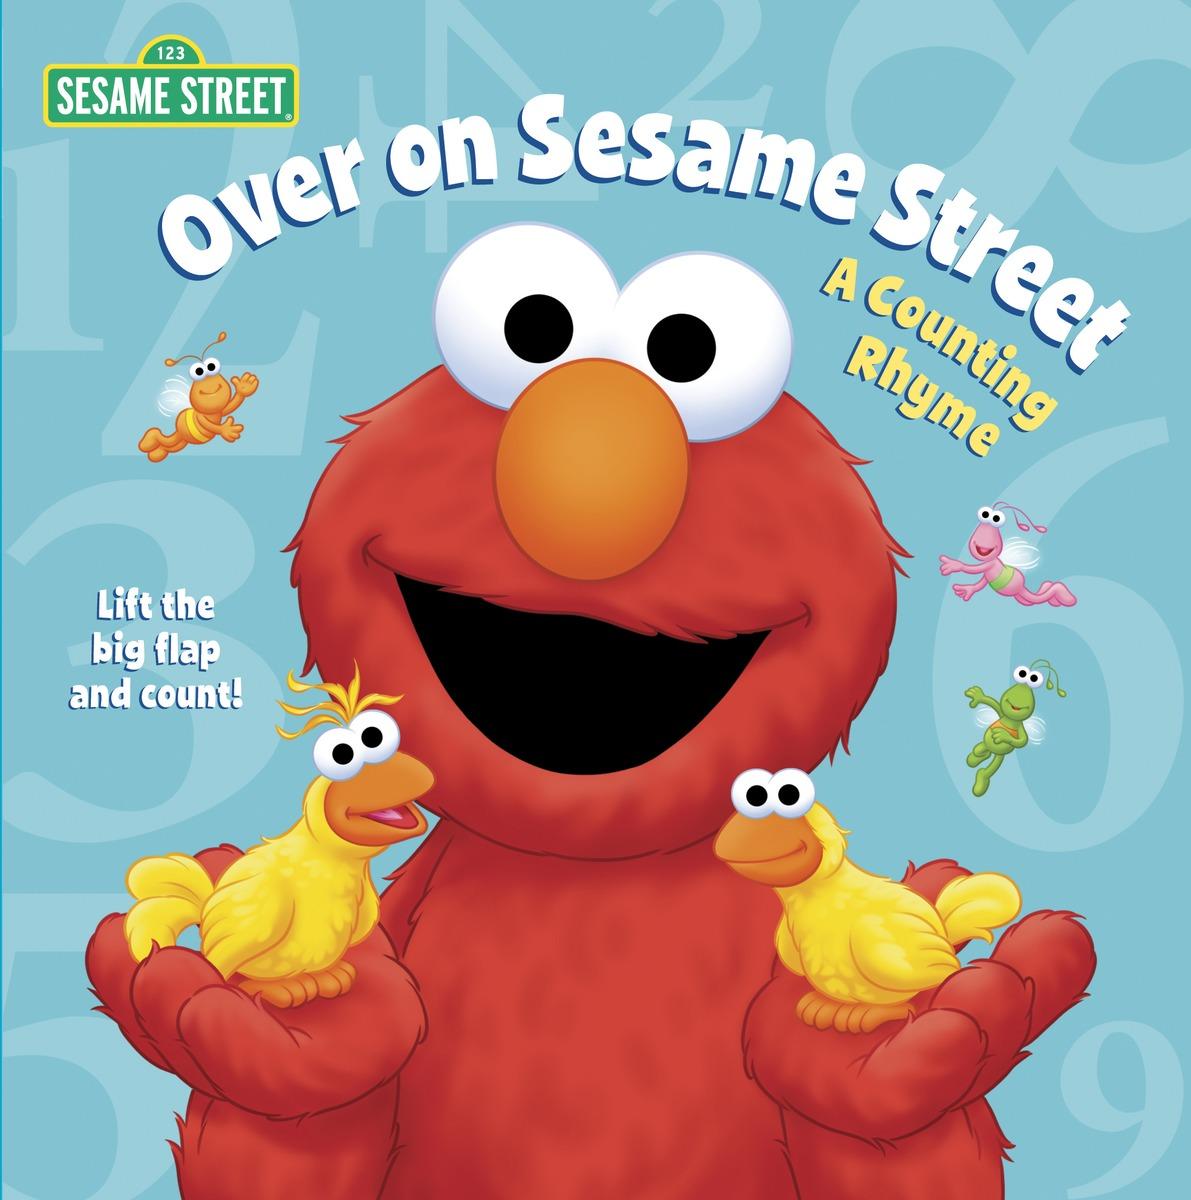 Over on Sesame Street (Sesame Street)